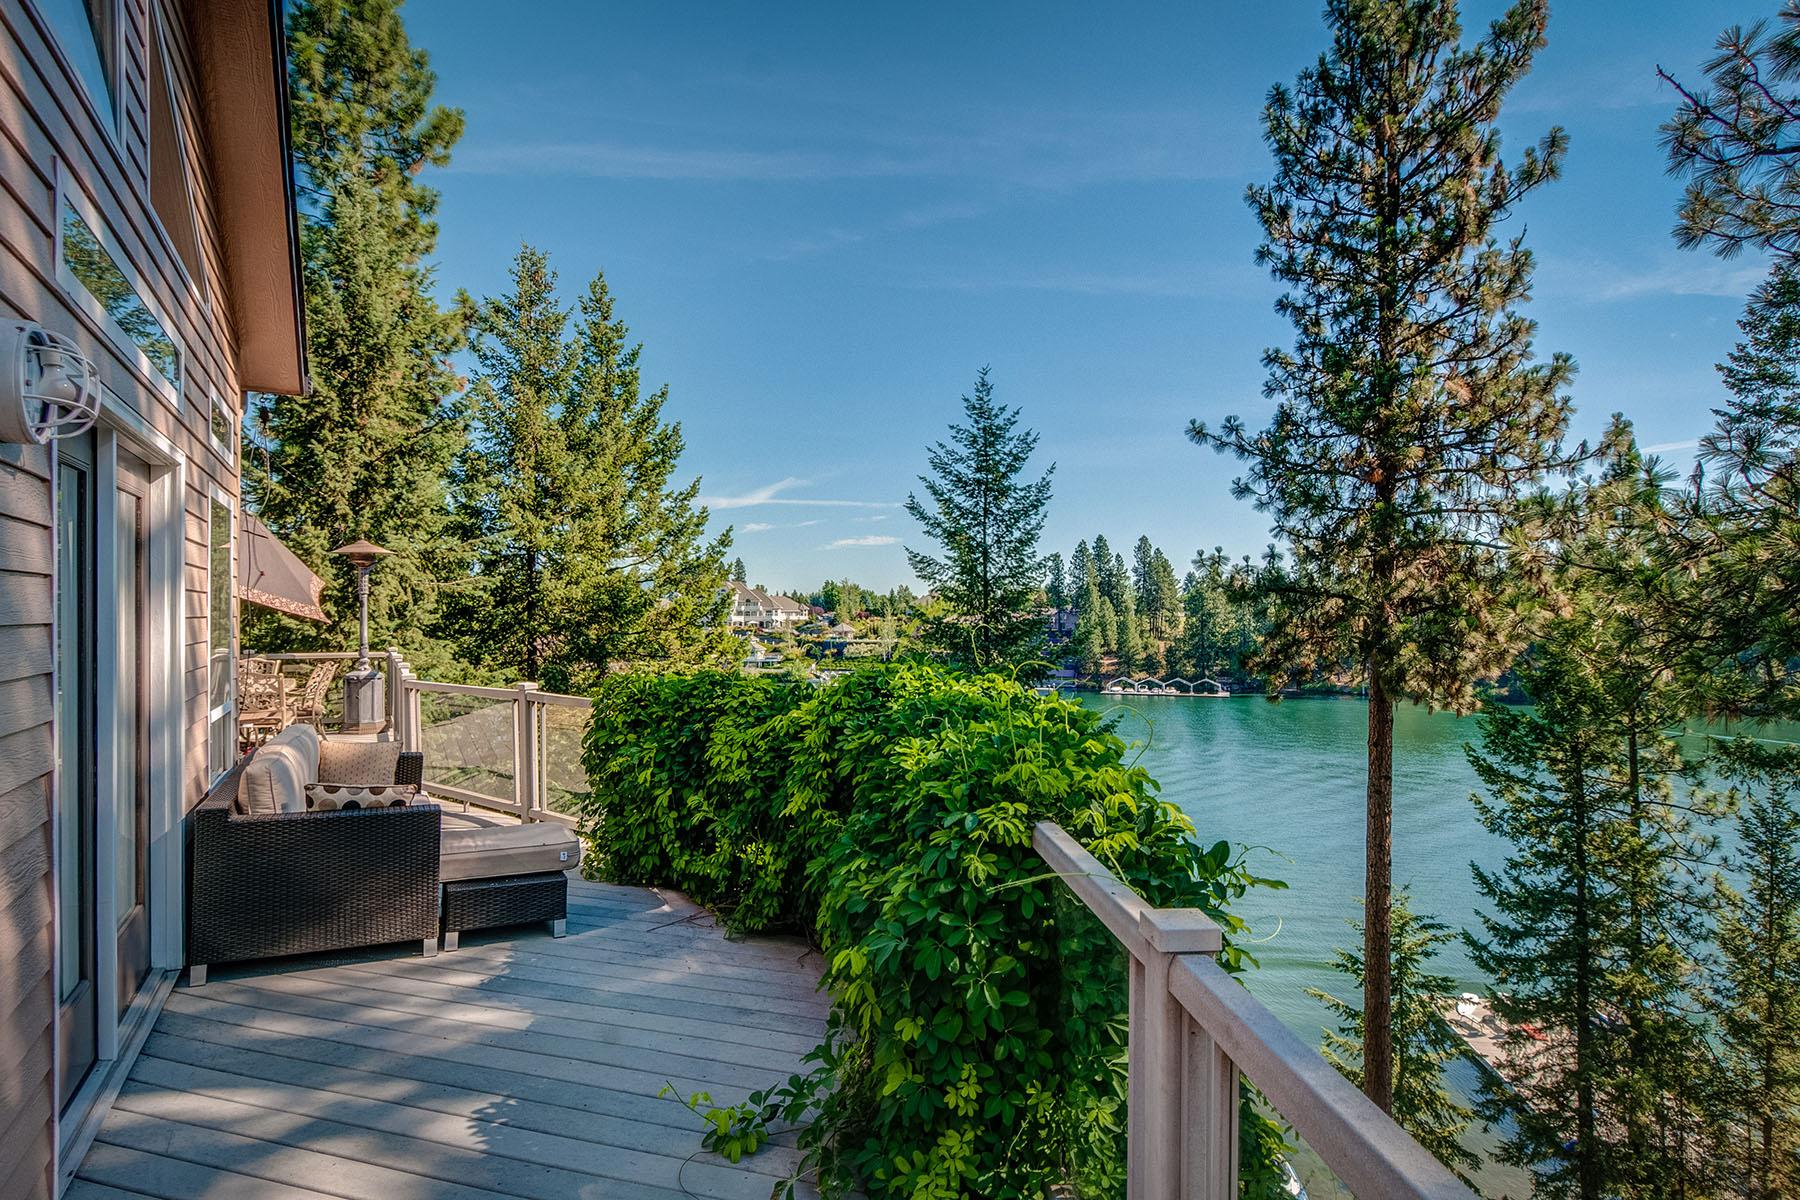 단독 가정 주택 용 매매 에 ENTERTAINER'S DELIGHT ON THE BEAUTIFUL SPOKANE RIVER! 10439 W Shale Ct Post Falls, 아이다호, 83854 미국